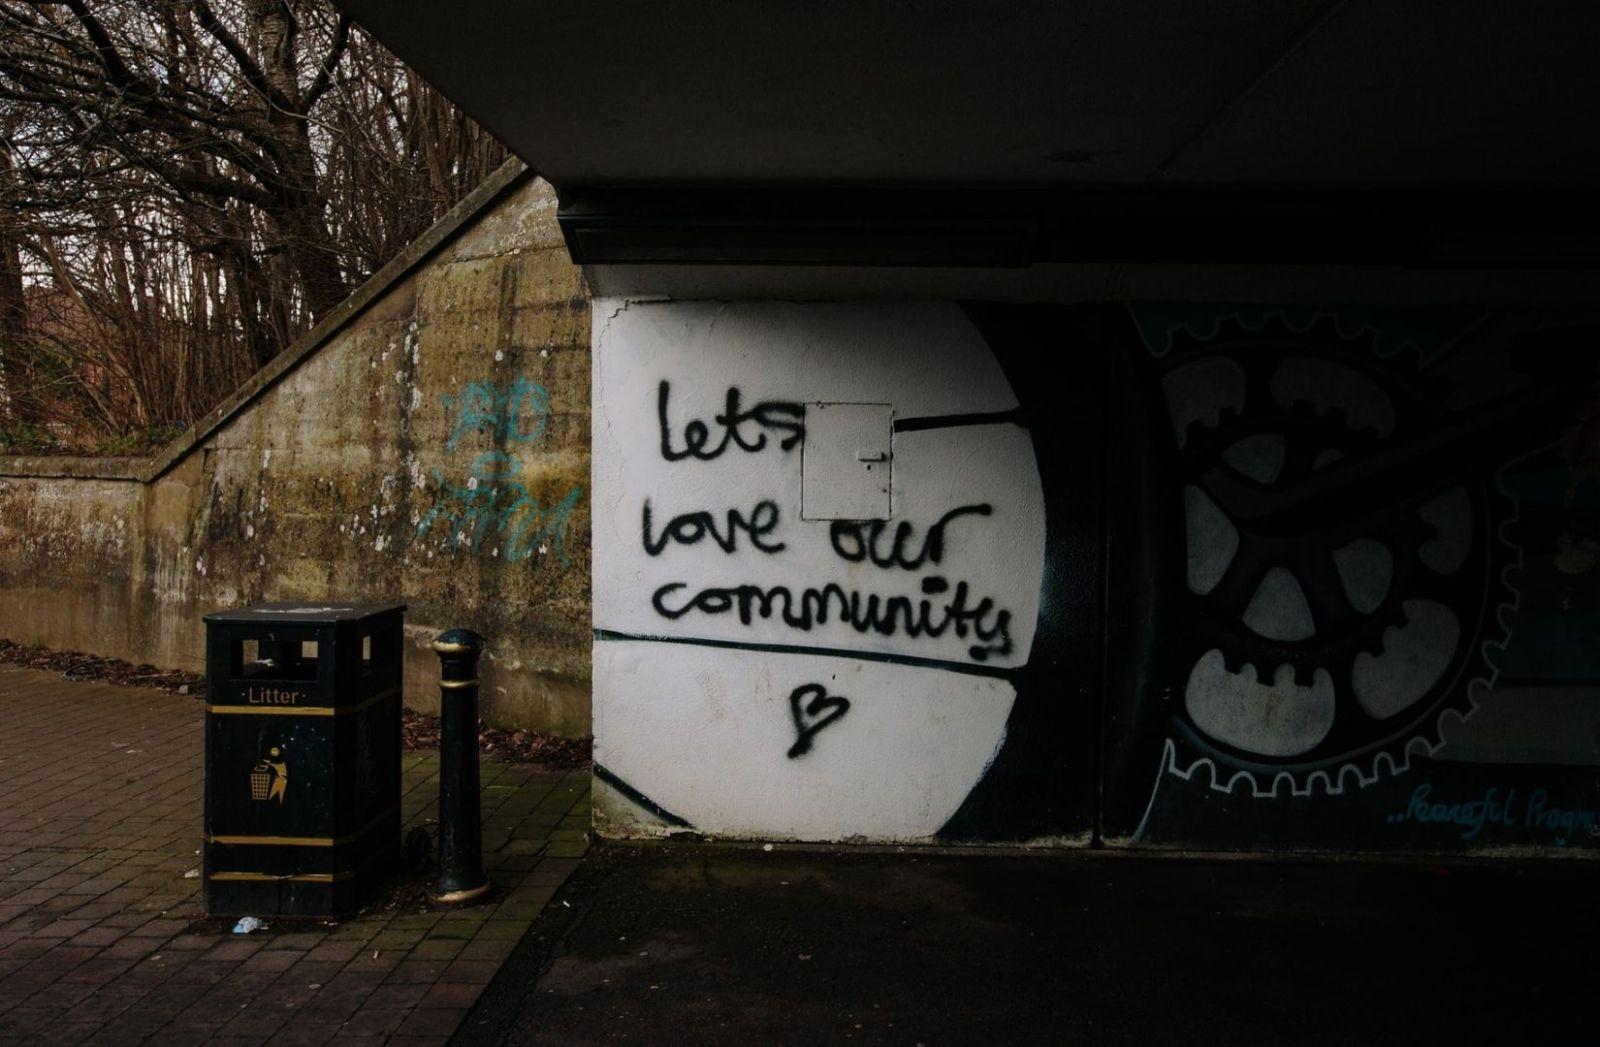 Lasst uns unsere Community lieben in der neuen Normalität. (Foto: Mike Erskine, Unsplash.com)